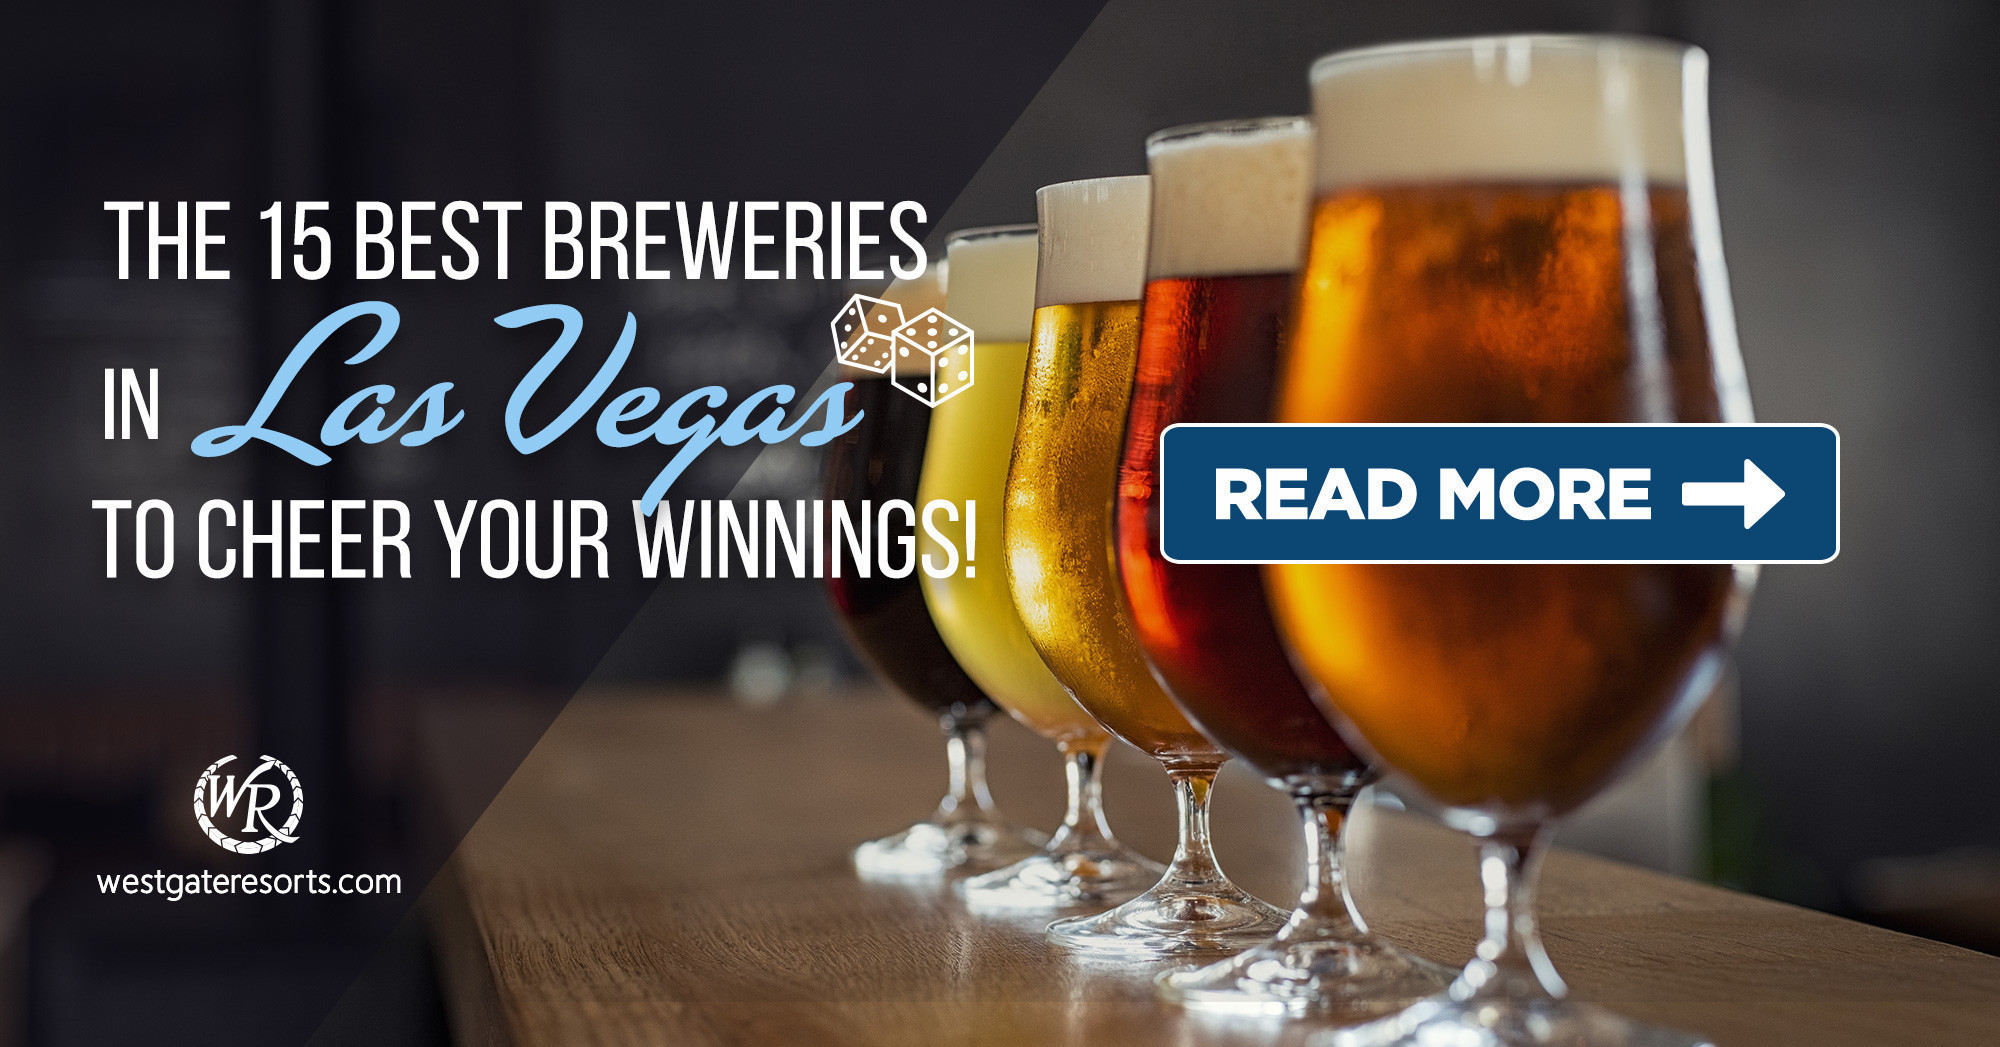 The 15 Best Breweries in Las Vegas to Cheer Your Winnings!